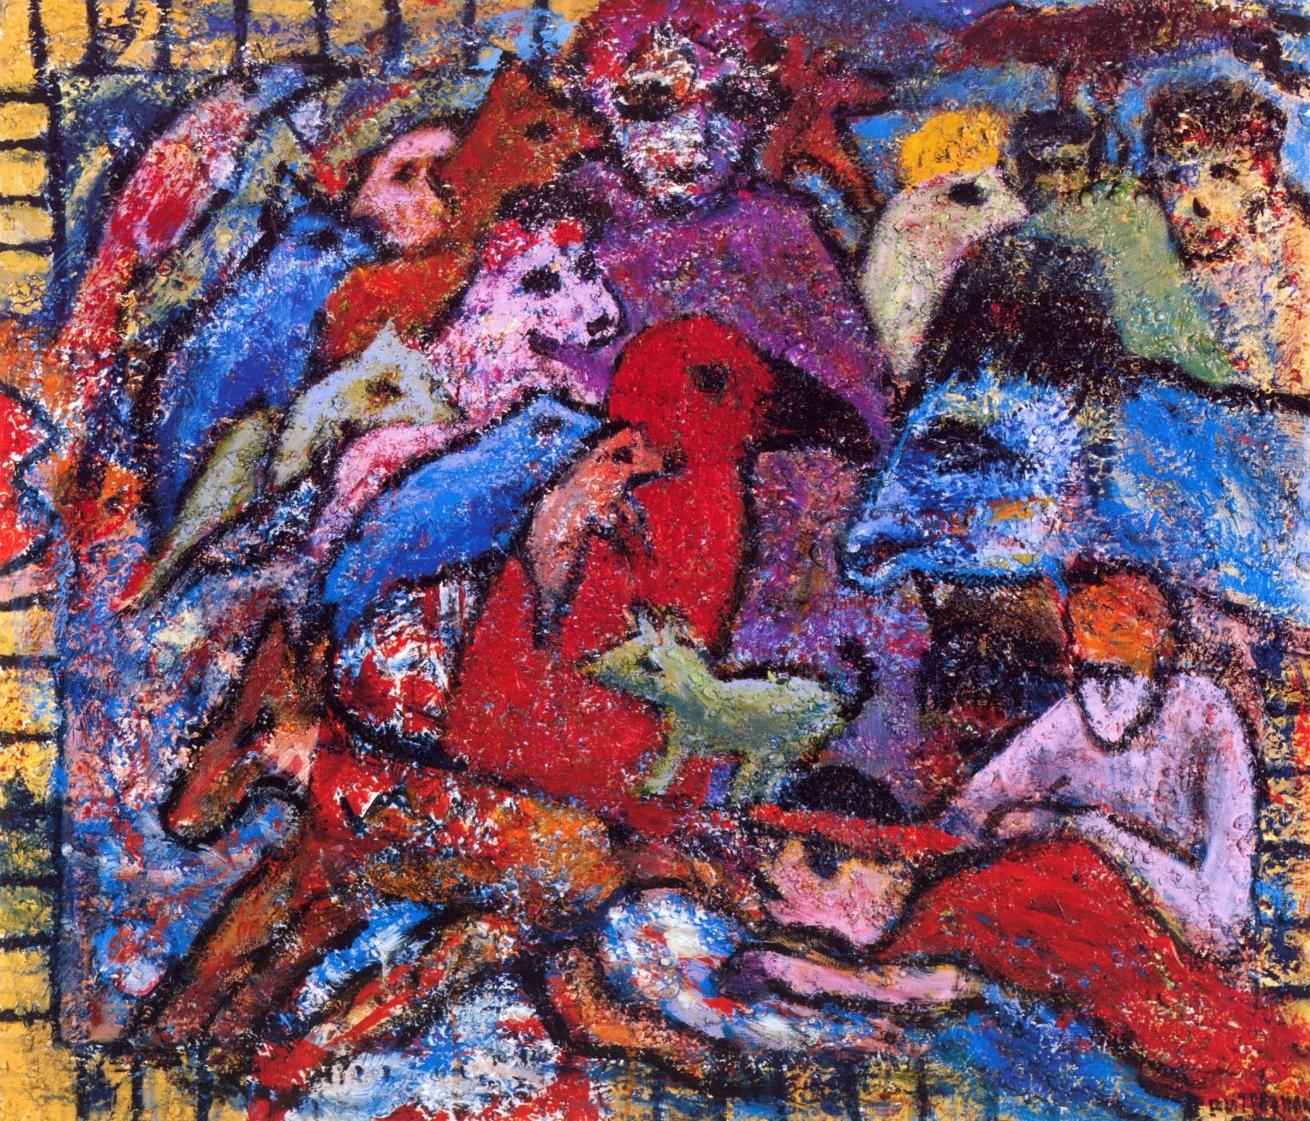 Salient Parables I   Acrylic, sand on canvas, 38'' x 44'', 2004